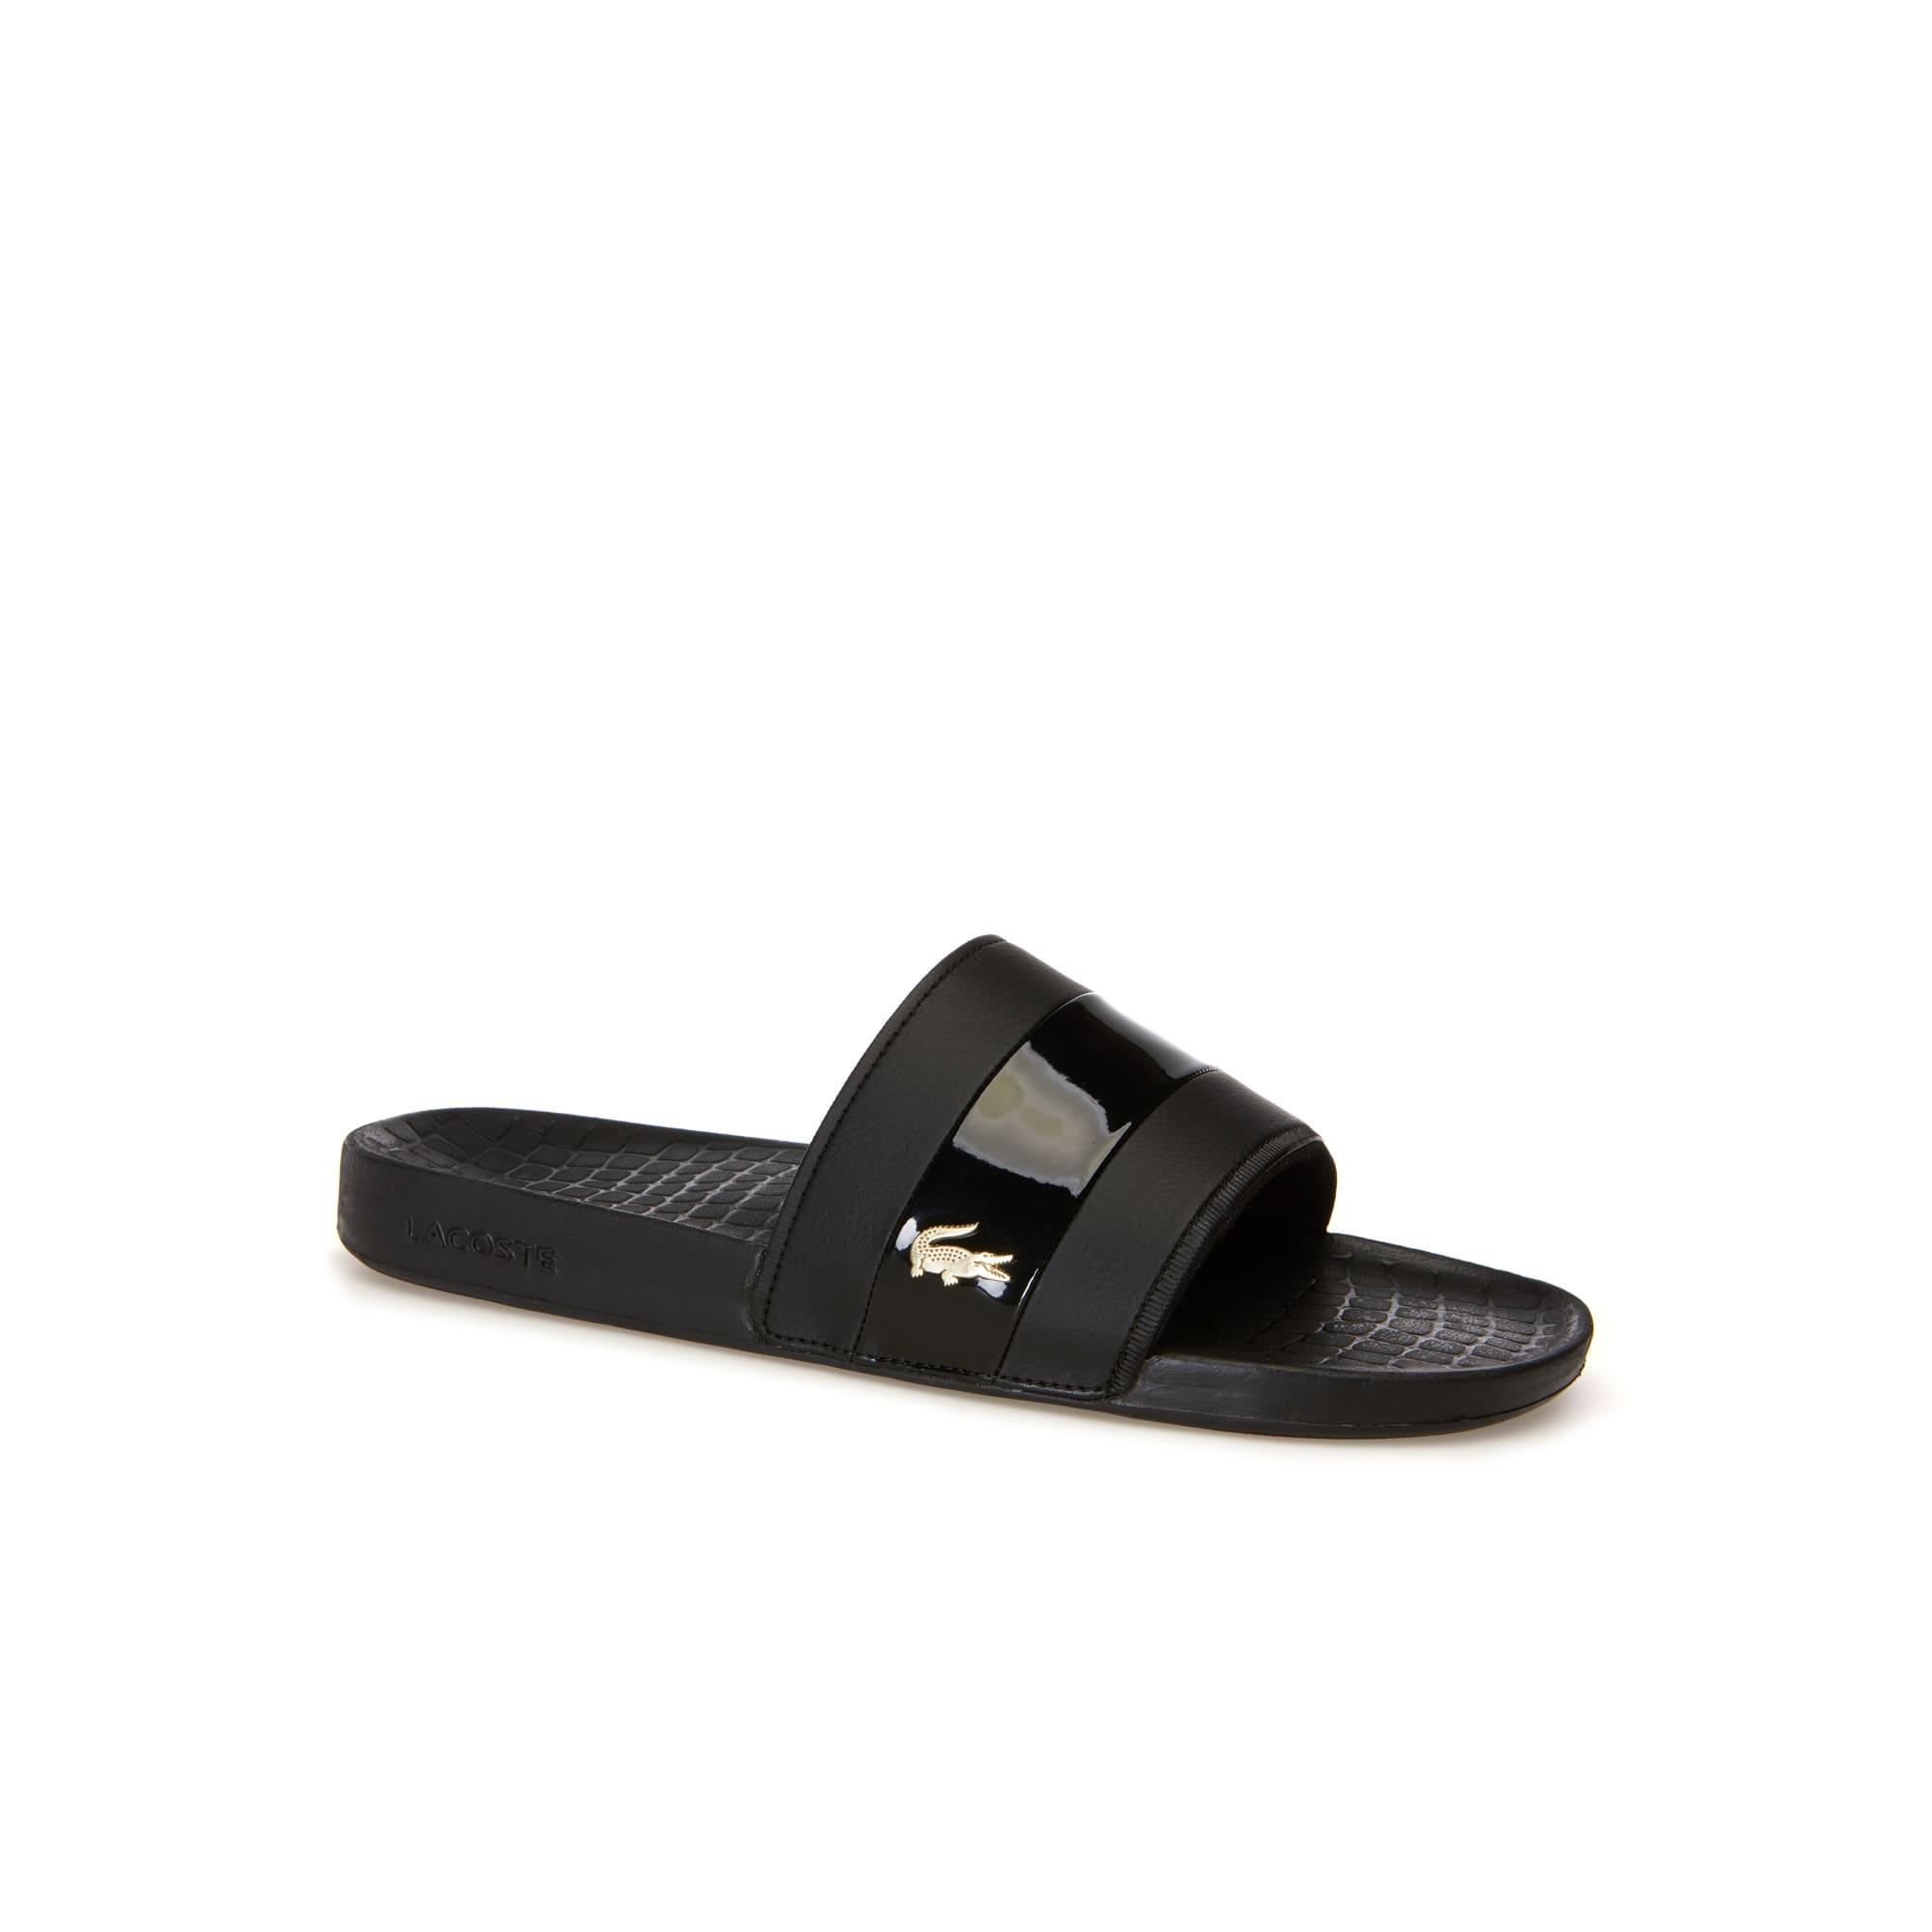 Men's Fraisier Leather Slides   LACOSTE